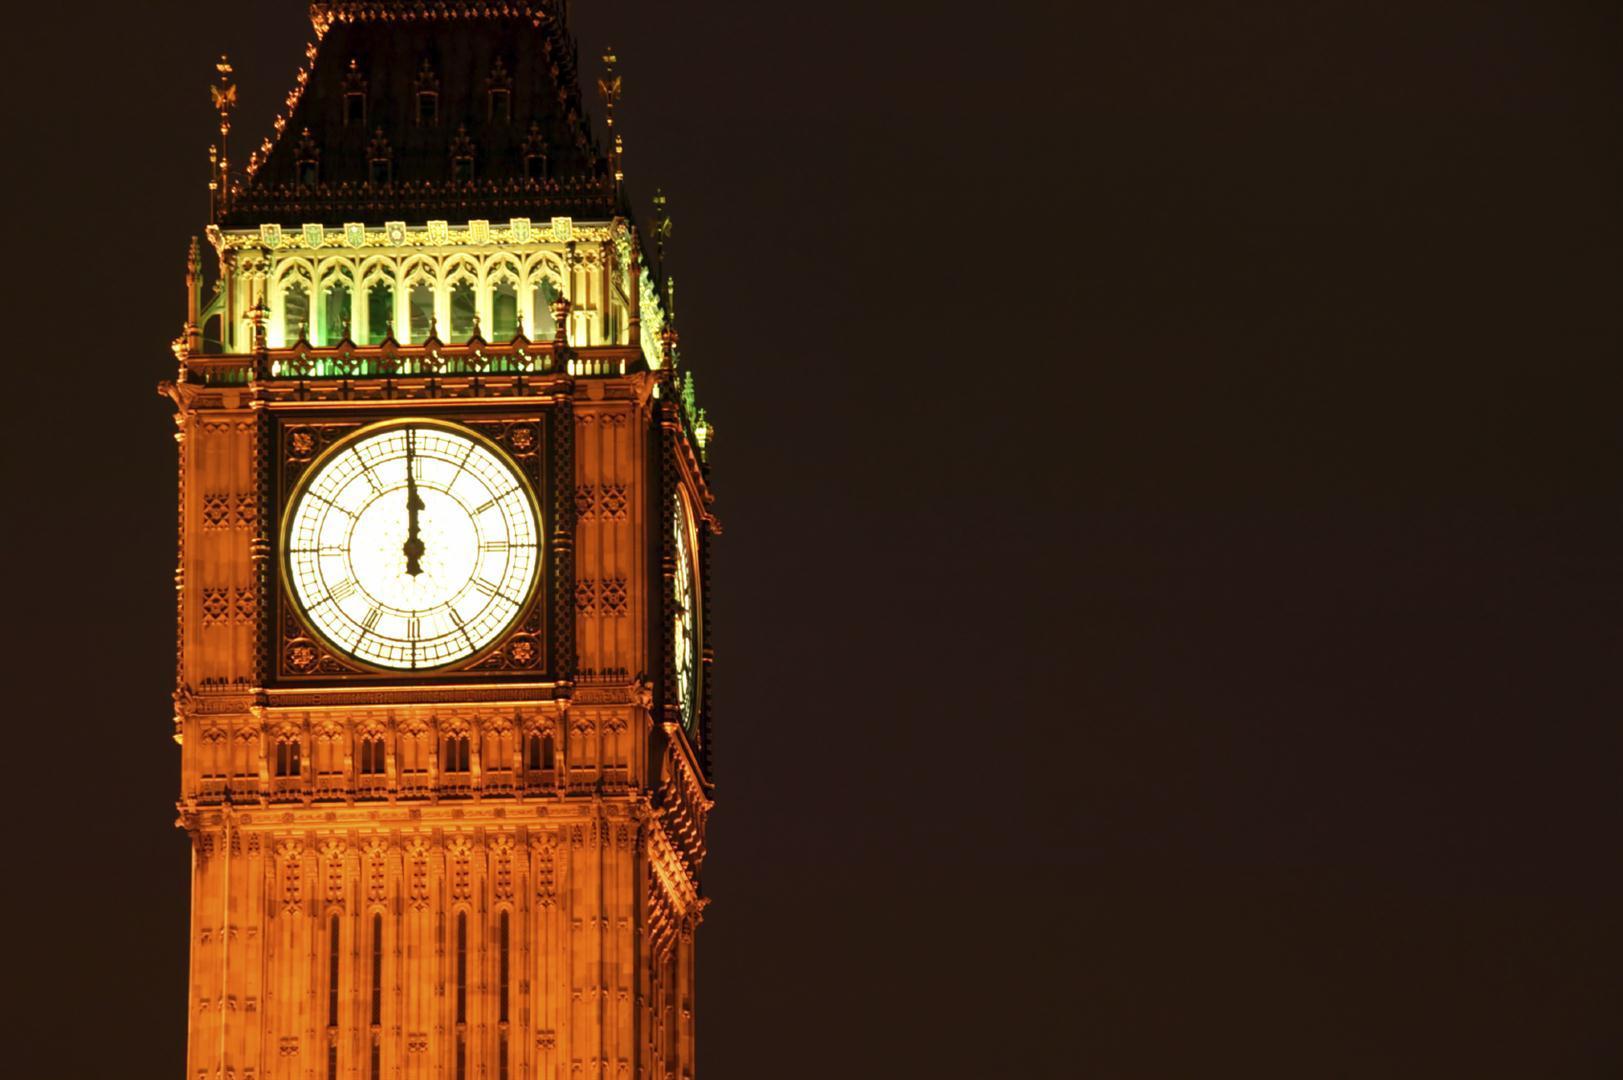 Londra, Big Ben suona per l'ultima volta: restauro fino al 2021